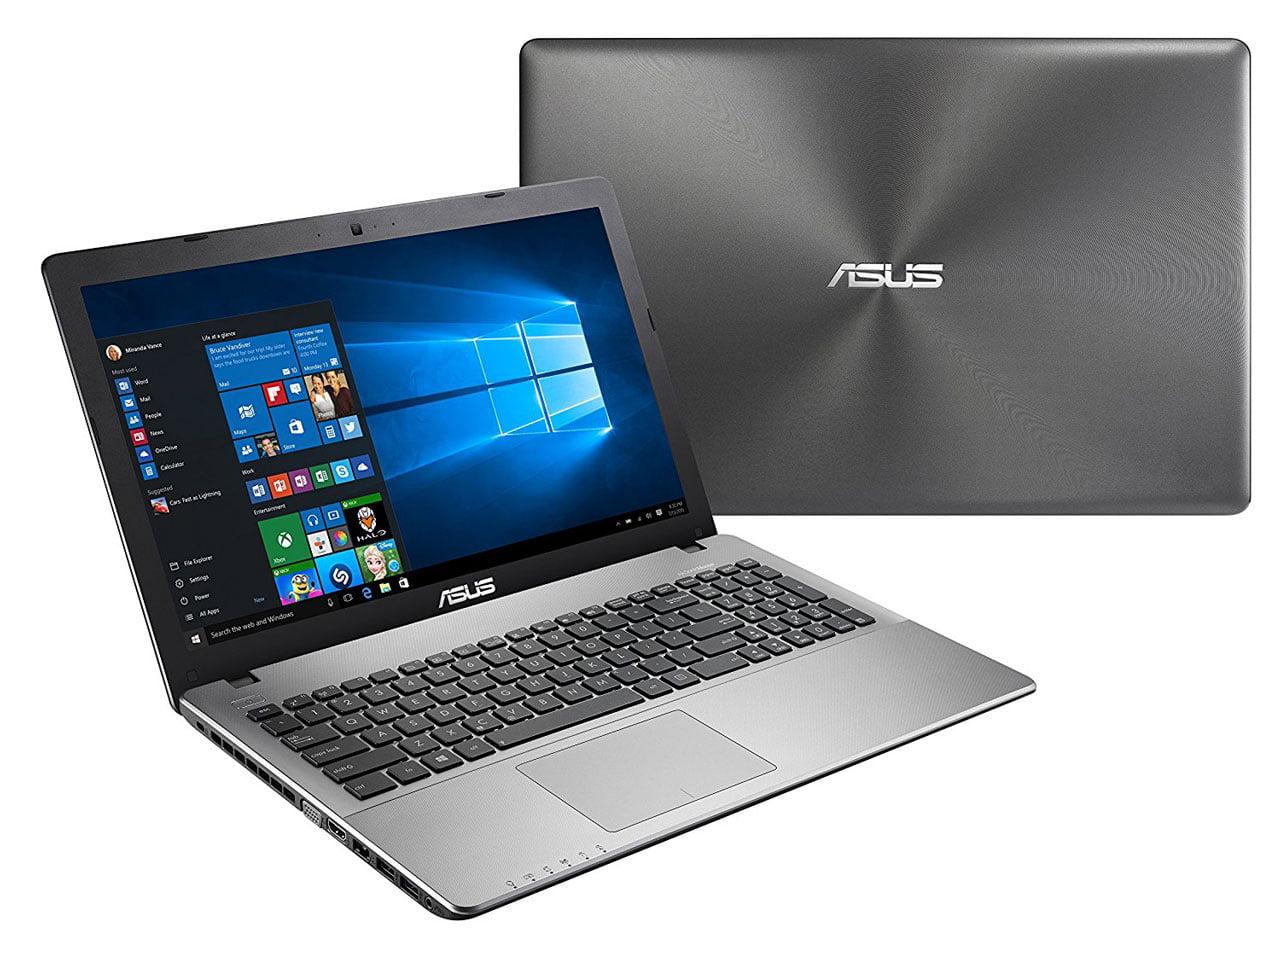 L'Asus K550VX-DM108T è un ottimo laptop per architettura per chi non ha un budget stellare.